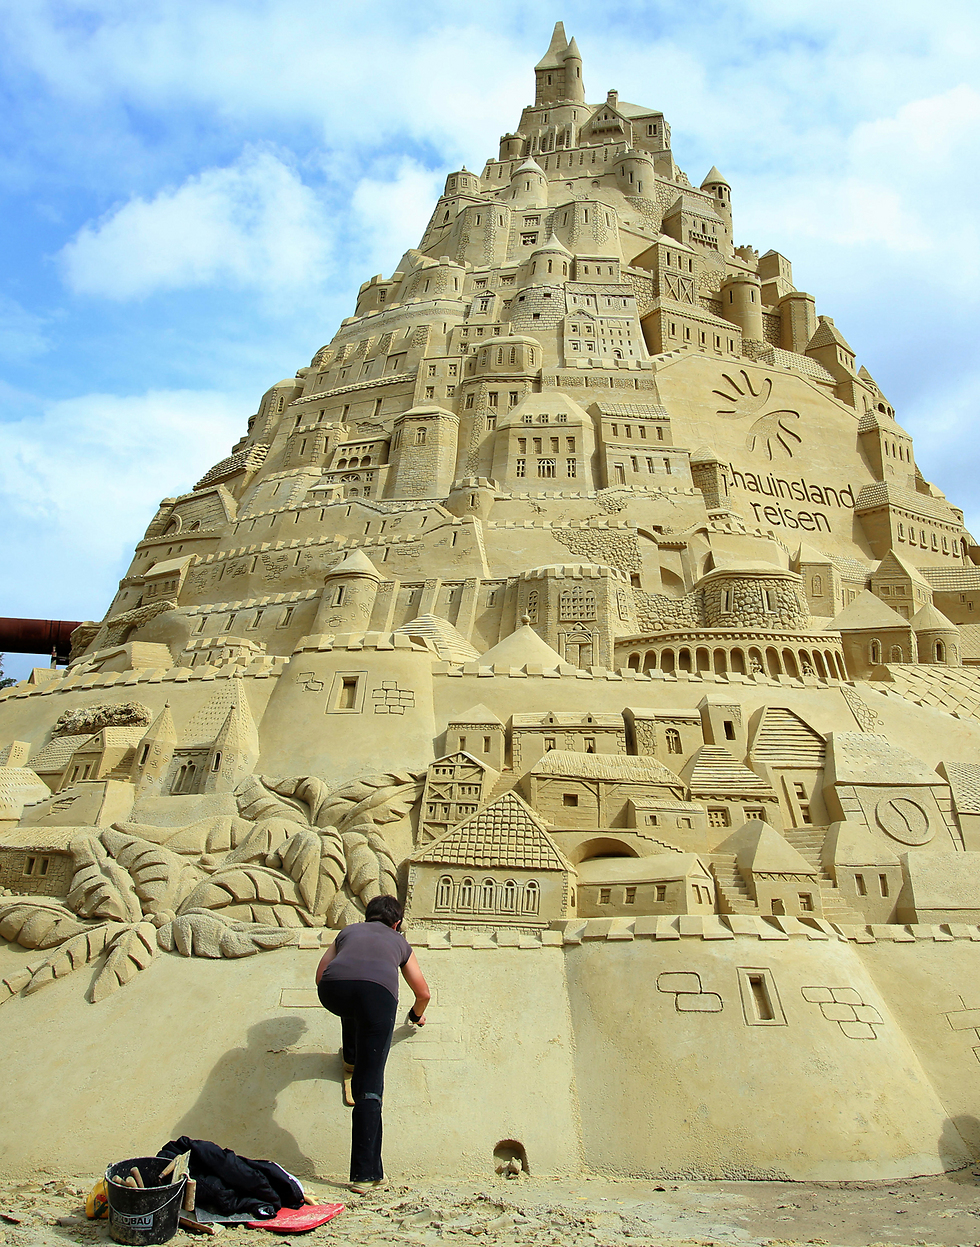 ארמון החול הגבוה בעולם נבנה בגרמניה (צילום: AP)